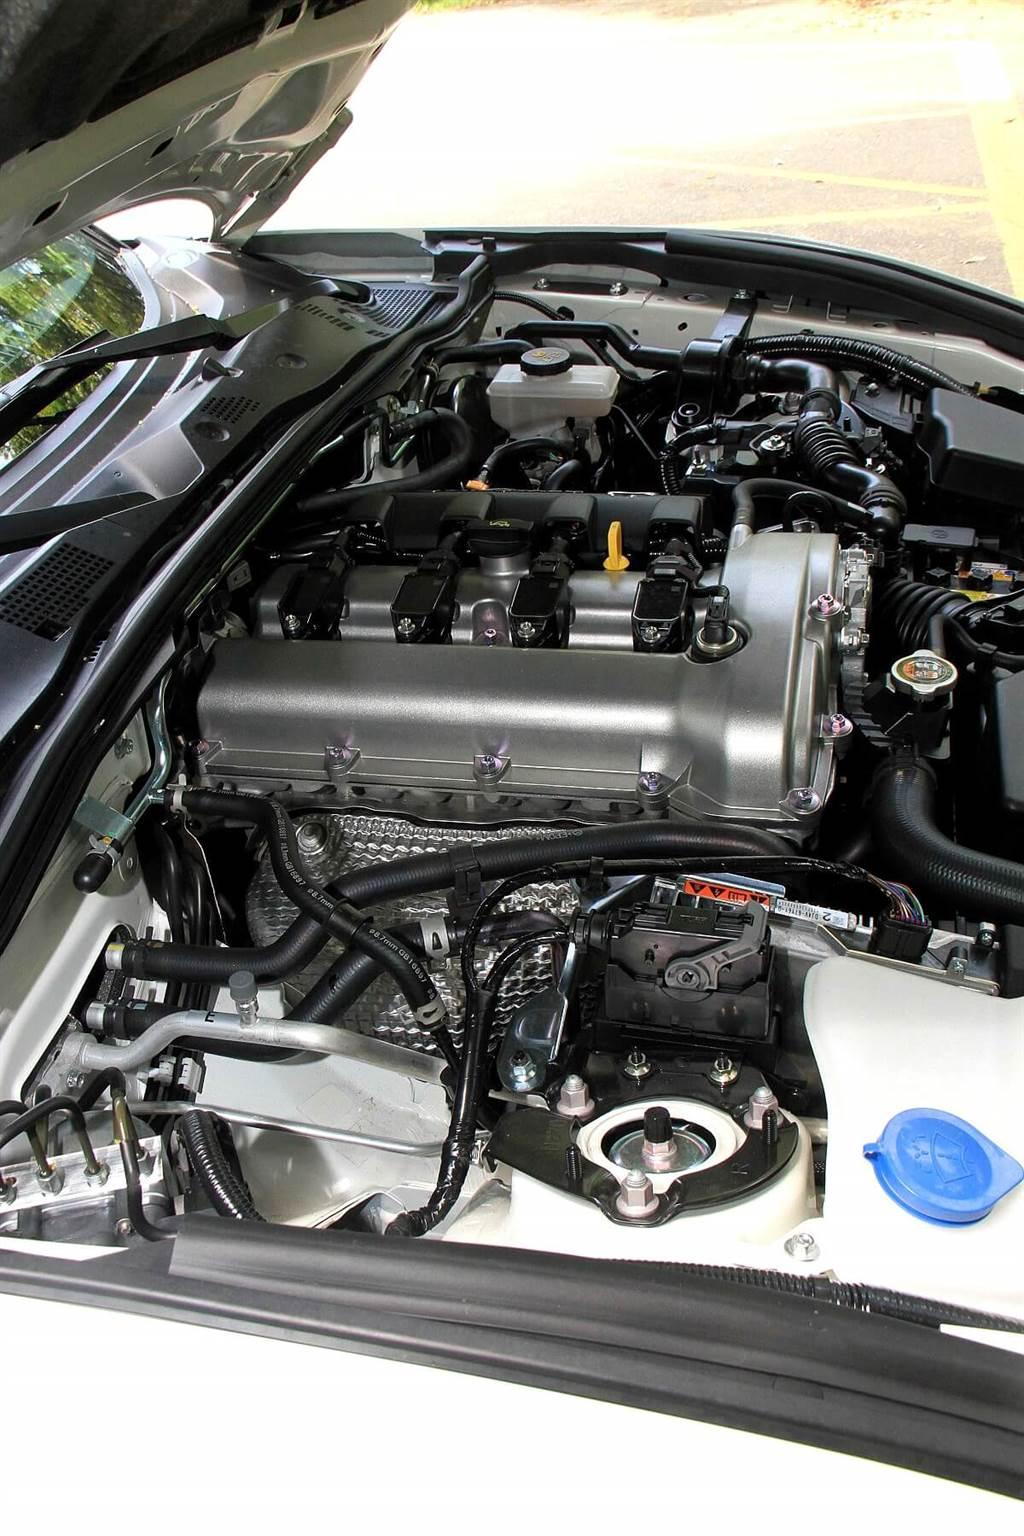 配置在前軸之後的2.0升自然進氣四缸引擎,自2019年式開始的馬力輸出從原本160 ps大幅躍升至184 ps。另外,強化燃燒效率讓扭力也得以增加了0.5 kgm至20.9 kgm,其在各轉速區域皆有顯著增加,高轉速域更有充沛的表現,而最高轉速可達7,500 rpm,基本上在7,000 rpm之內,都能讓駕駛者在各檔位感受到持續不斷的動力產出,快意體驗流暢拉轉速的線性加速感。